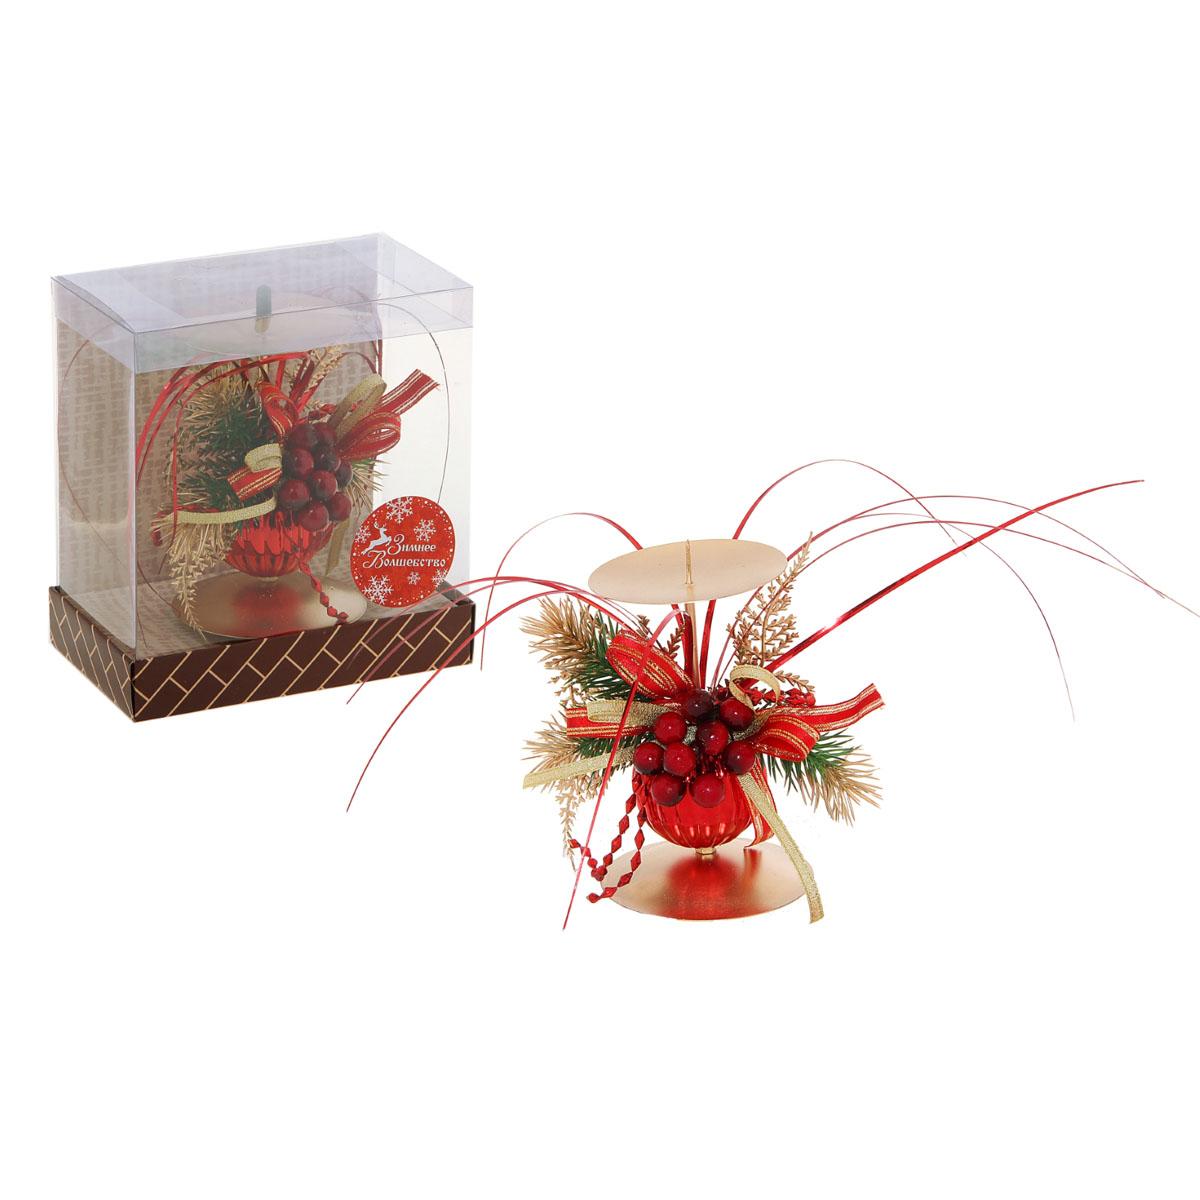 Подсвечник Sima-land Новогодний, цвет: красный, золотистый sima land антистрессовая игрушка заяц хрустик 05 цвет красный